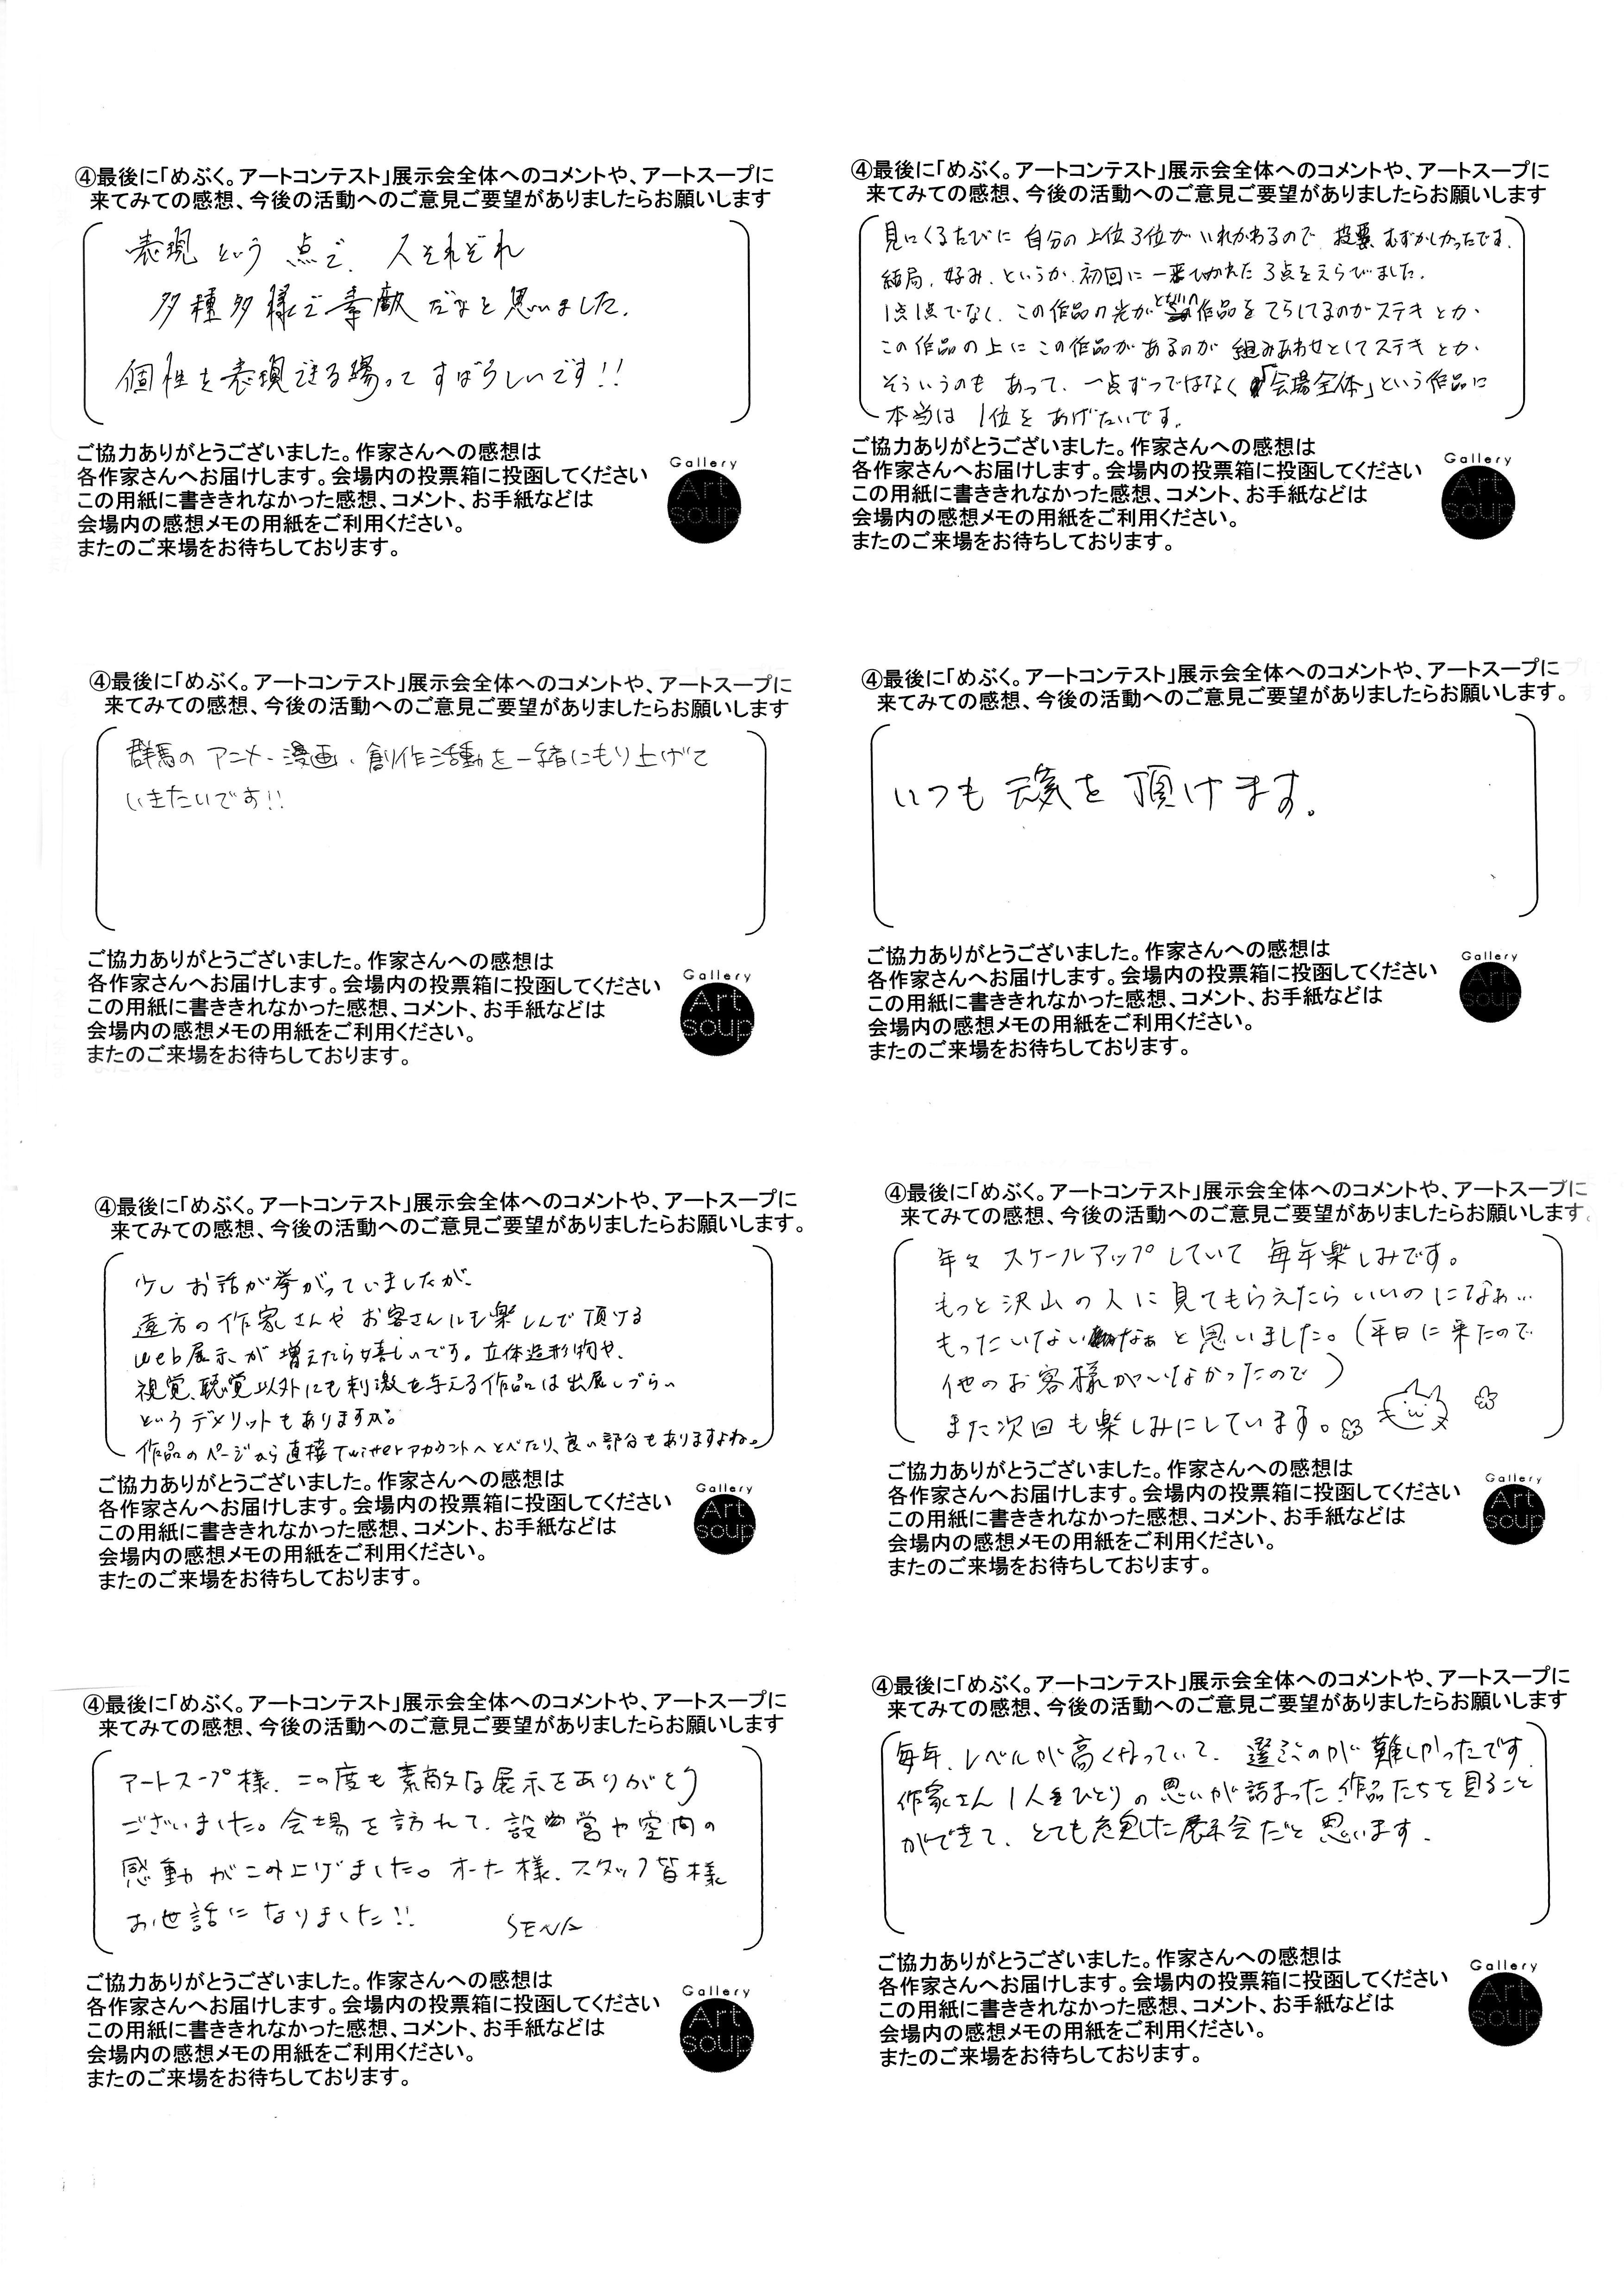 コンテスト来場者コメント_2